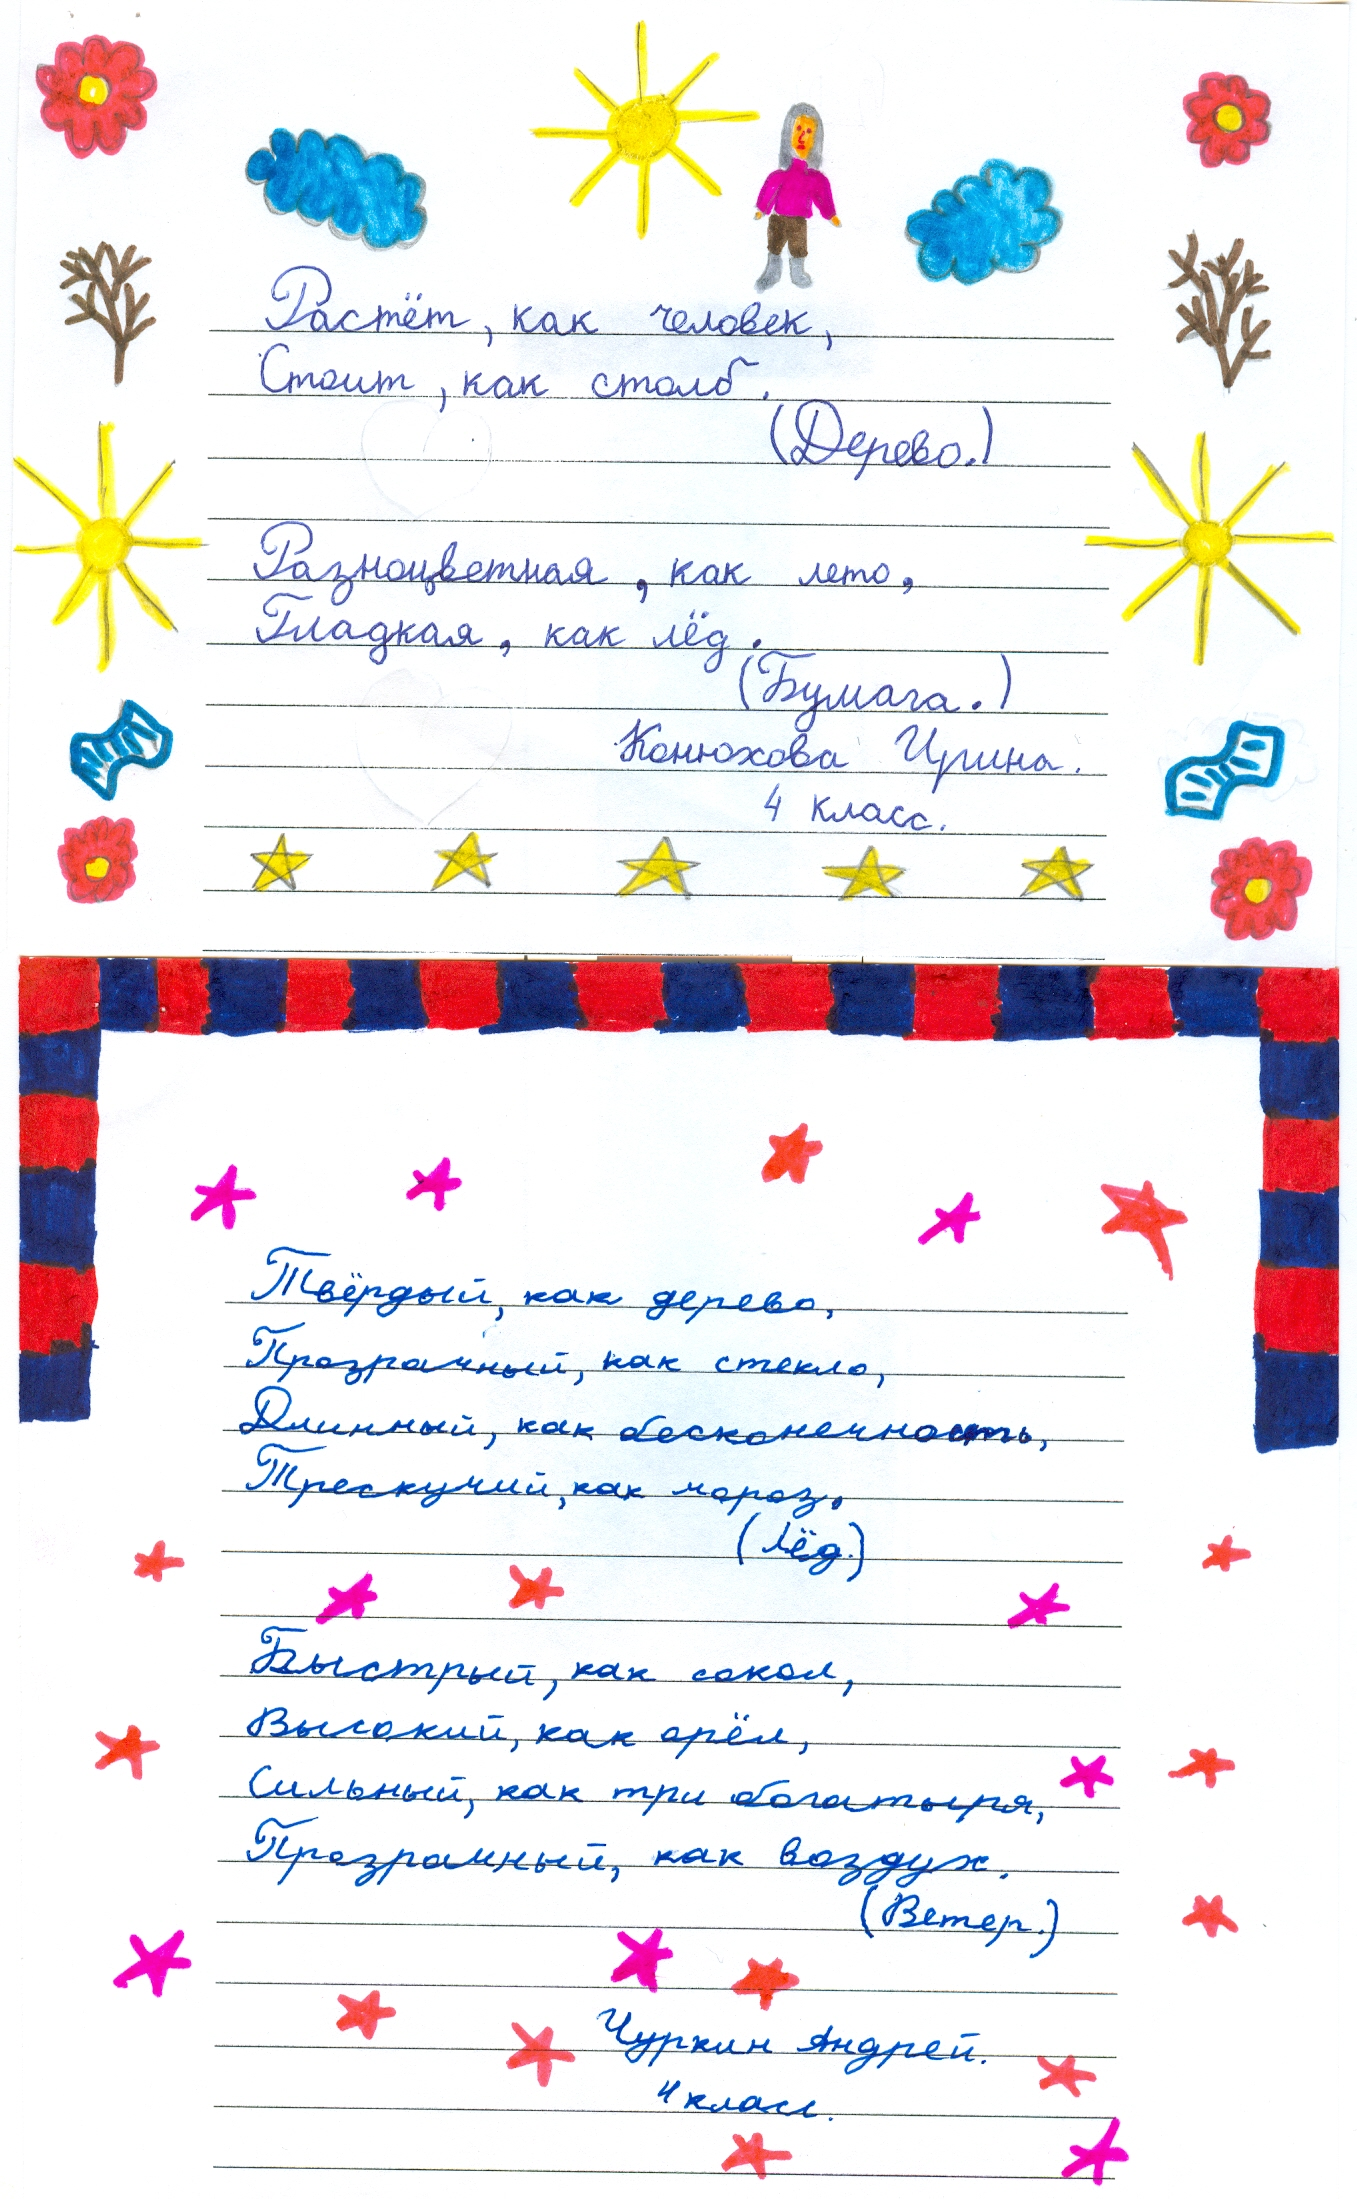 C:\Users\Елена Григорьевна\Pictures\Мои сканированные изображения\сканирование0040.jpg